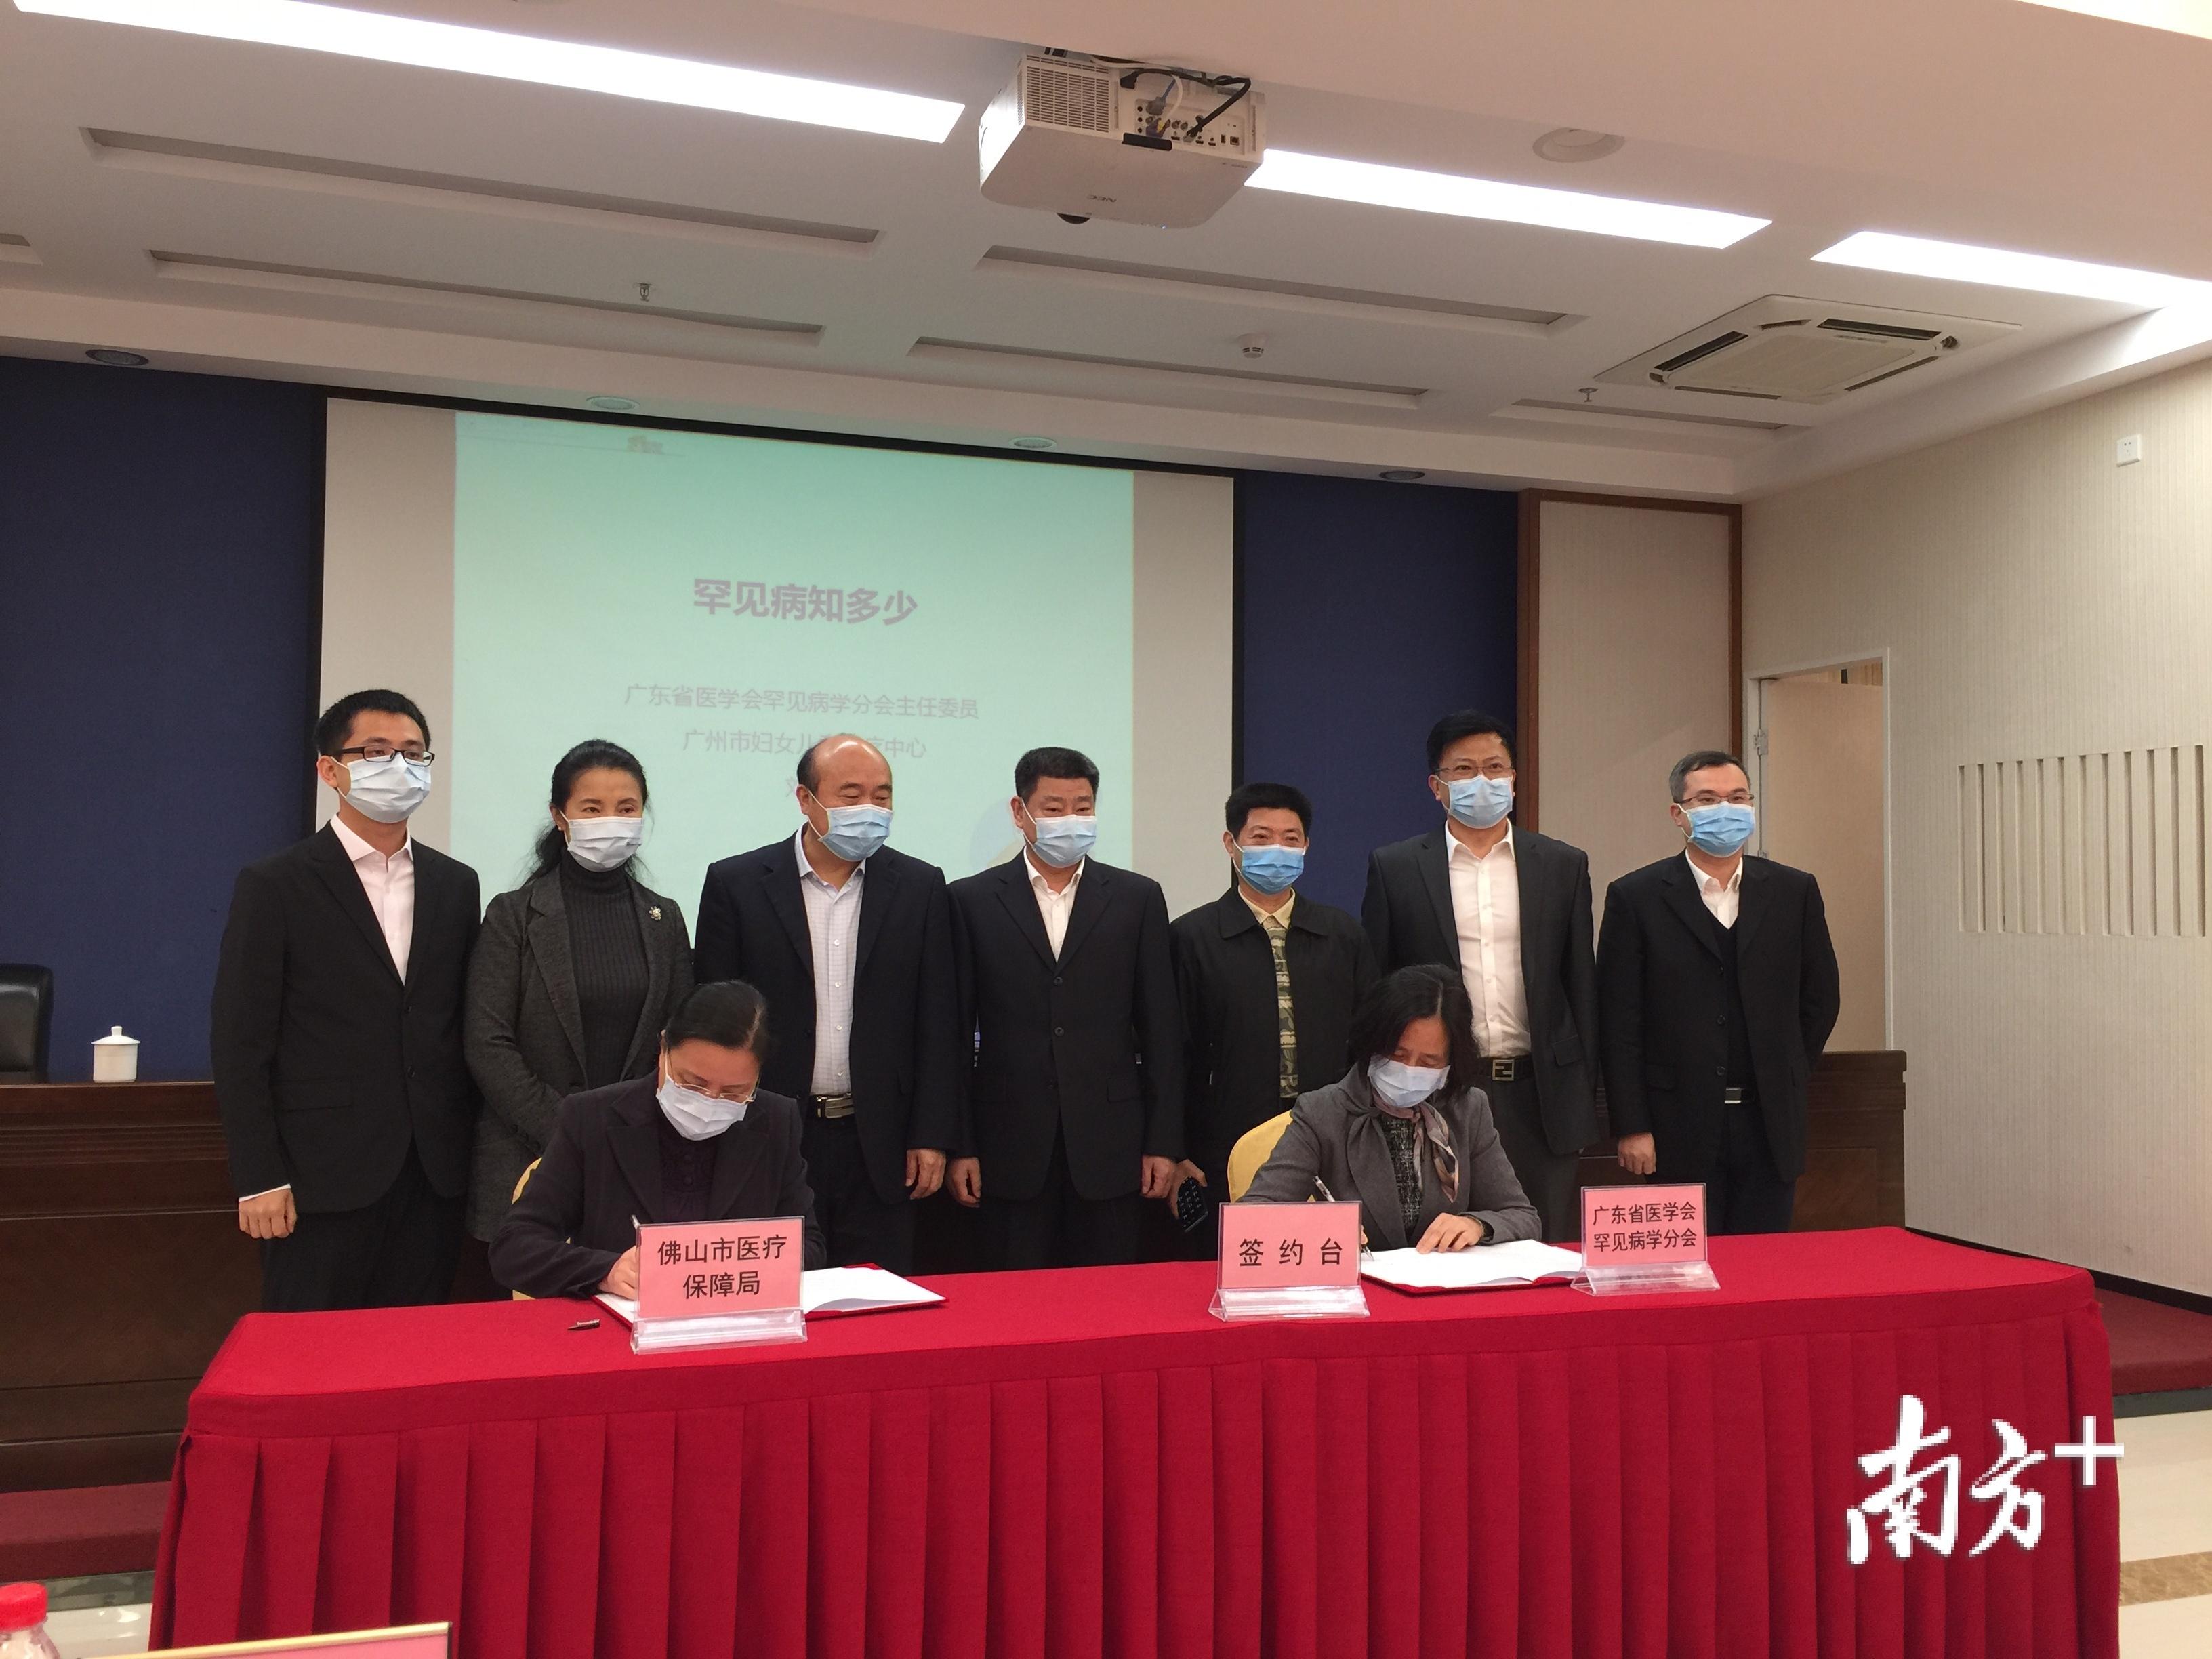 市医保局与广东罕见病分会签订《佛山市罕见病医疗救助的合作框架协议》。